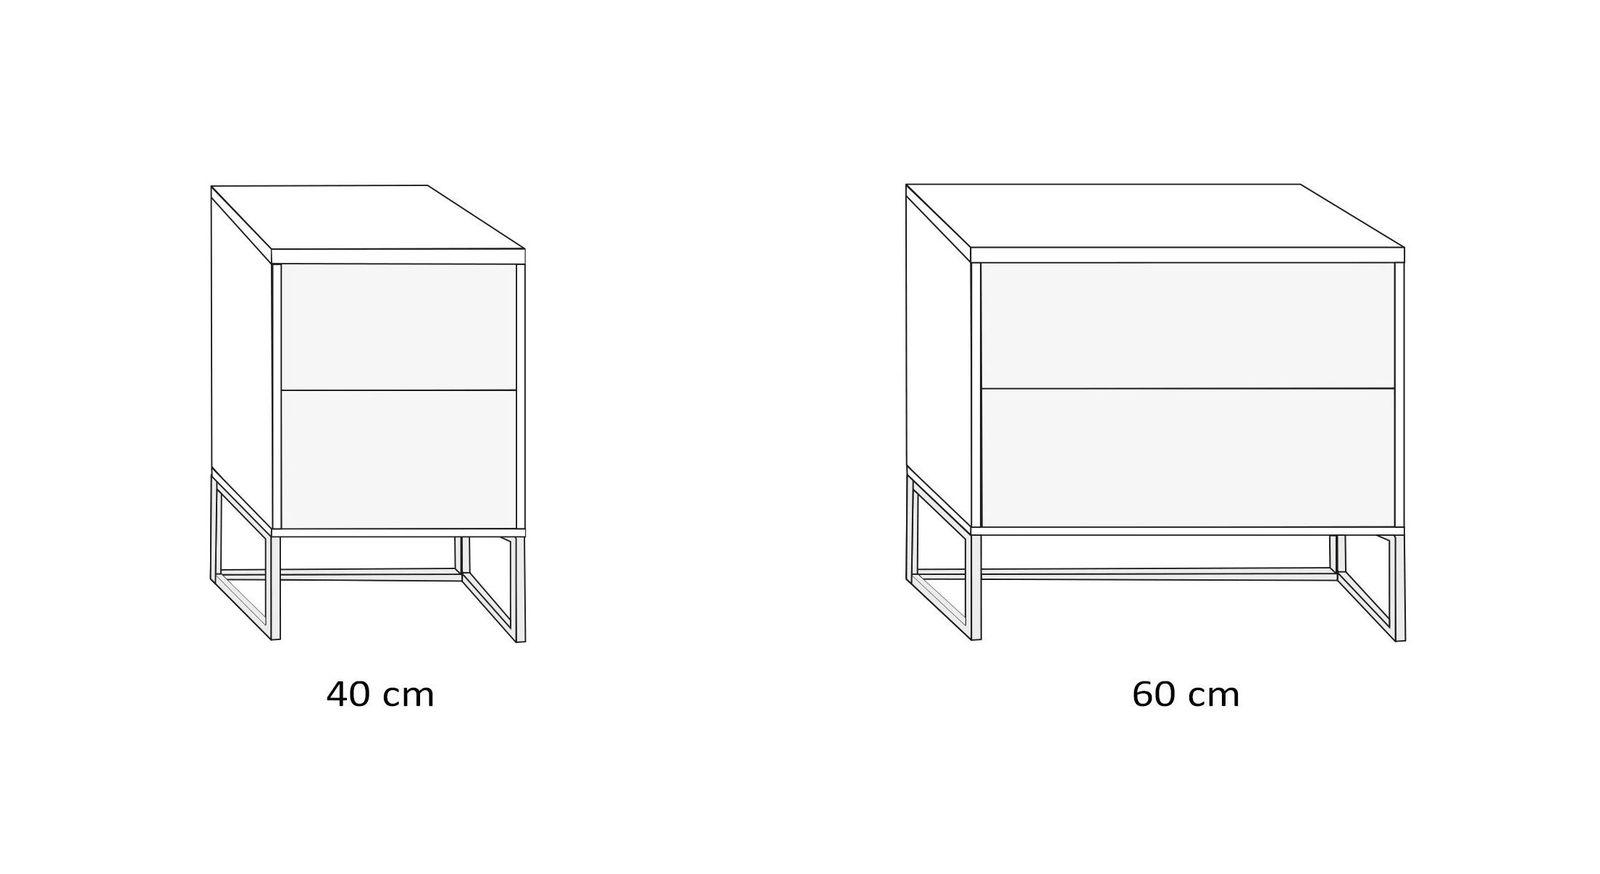 Breiten-Übersicht des Nachttisches mit Metallkufen